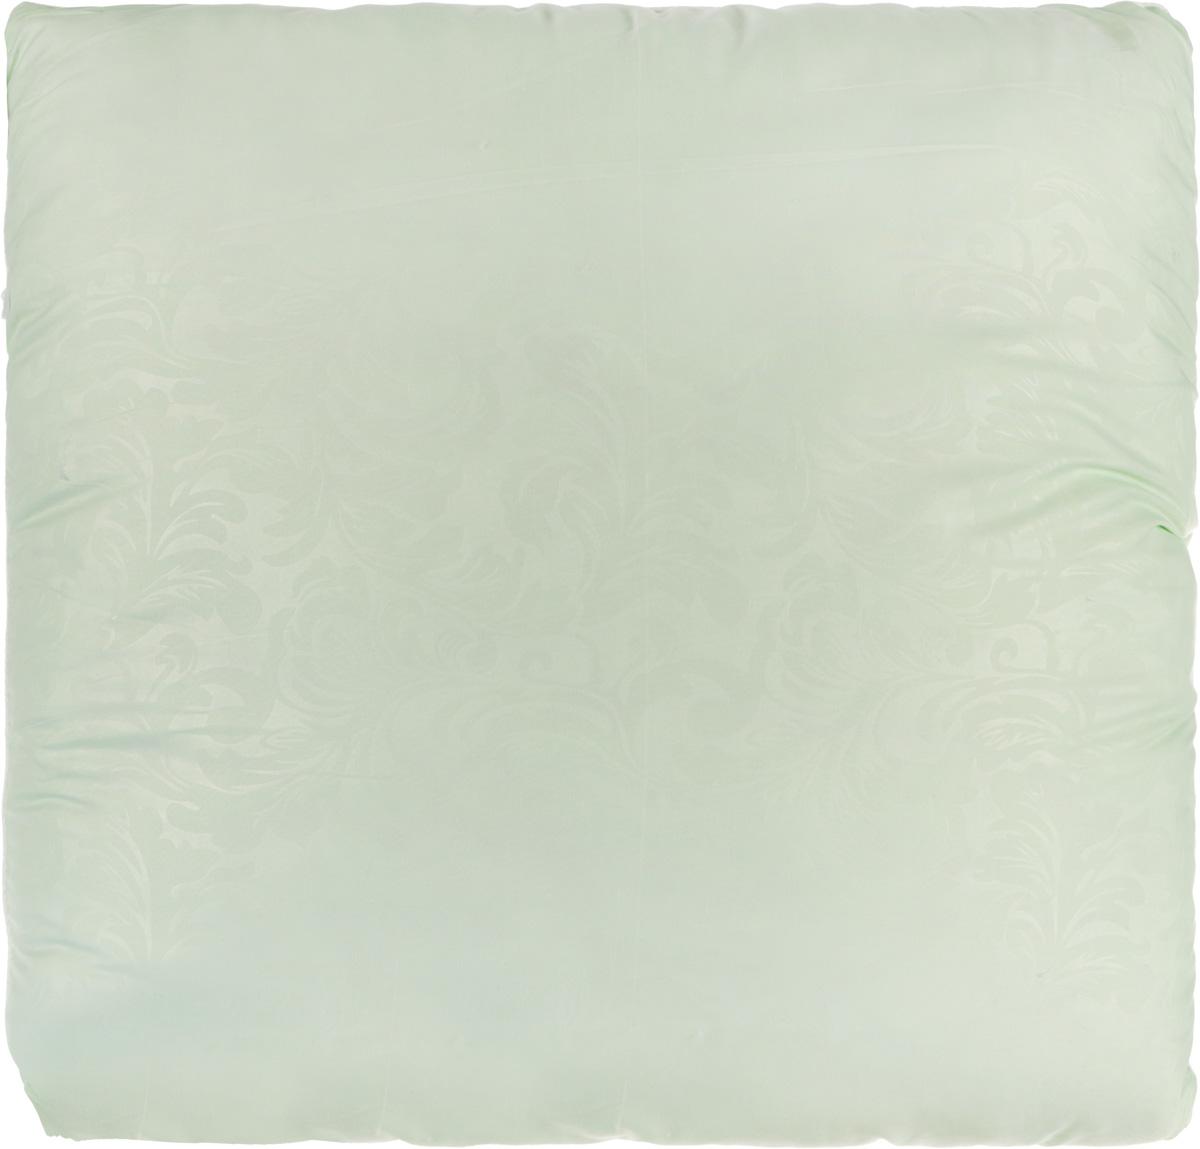 Подушка Smart Textile Безмятежность, наполнитель: лебяжий пух, алоэ вера, цвет: светло-зеленый, 70 х 70 смES-412Удобная и мягкая подушка Smart Textile Безмятежность подарит здоровый сон и отличный отдых. Чехол подушки на молнии выполнен из микрофибры с красивым узором. В качестве наполнителя используется лебяжий пух, пропитанный экстрактом алоэ вера.Лебяжий пух - это 100% сверхтонкое высокосиликонизированное волокно. Такой наполнитель мягкий, приятный на ощупь и гипоаллергенный. Подушка удобна в эксплуатации: легко стирается, быстро сохнет, сохраняя первоначальные свойства, устойчива к воздействию прямых солнечных лучей, износостойка и прочна. Изделие обладает высокой теплоизоляционной способностью - не вызывает перегрева головы.Подушка обеспечит оптимальную, в меру упругую поддержку головы во время сна. На такой подушке комфортно спать в любую погоду людям всех возрастов.